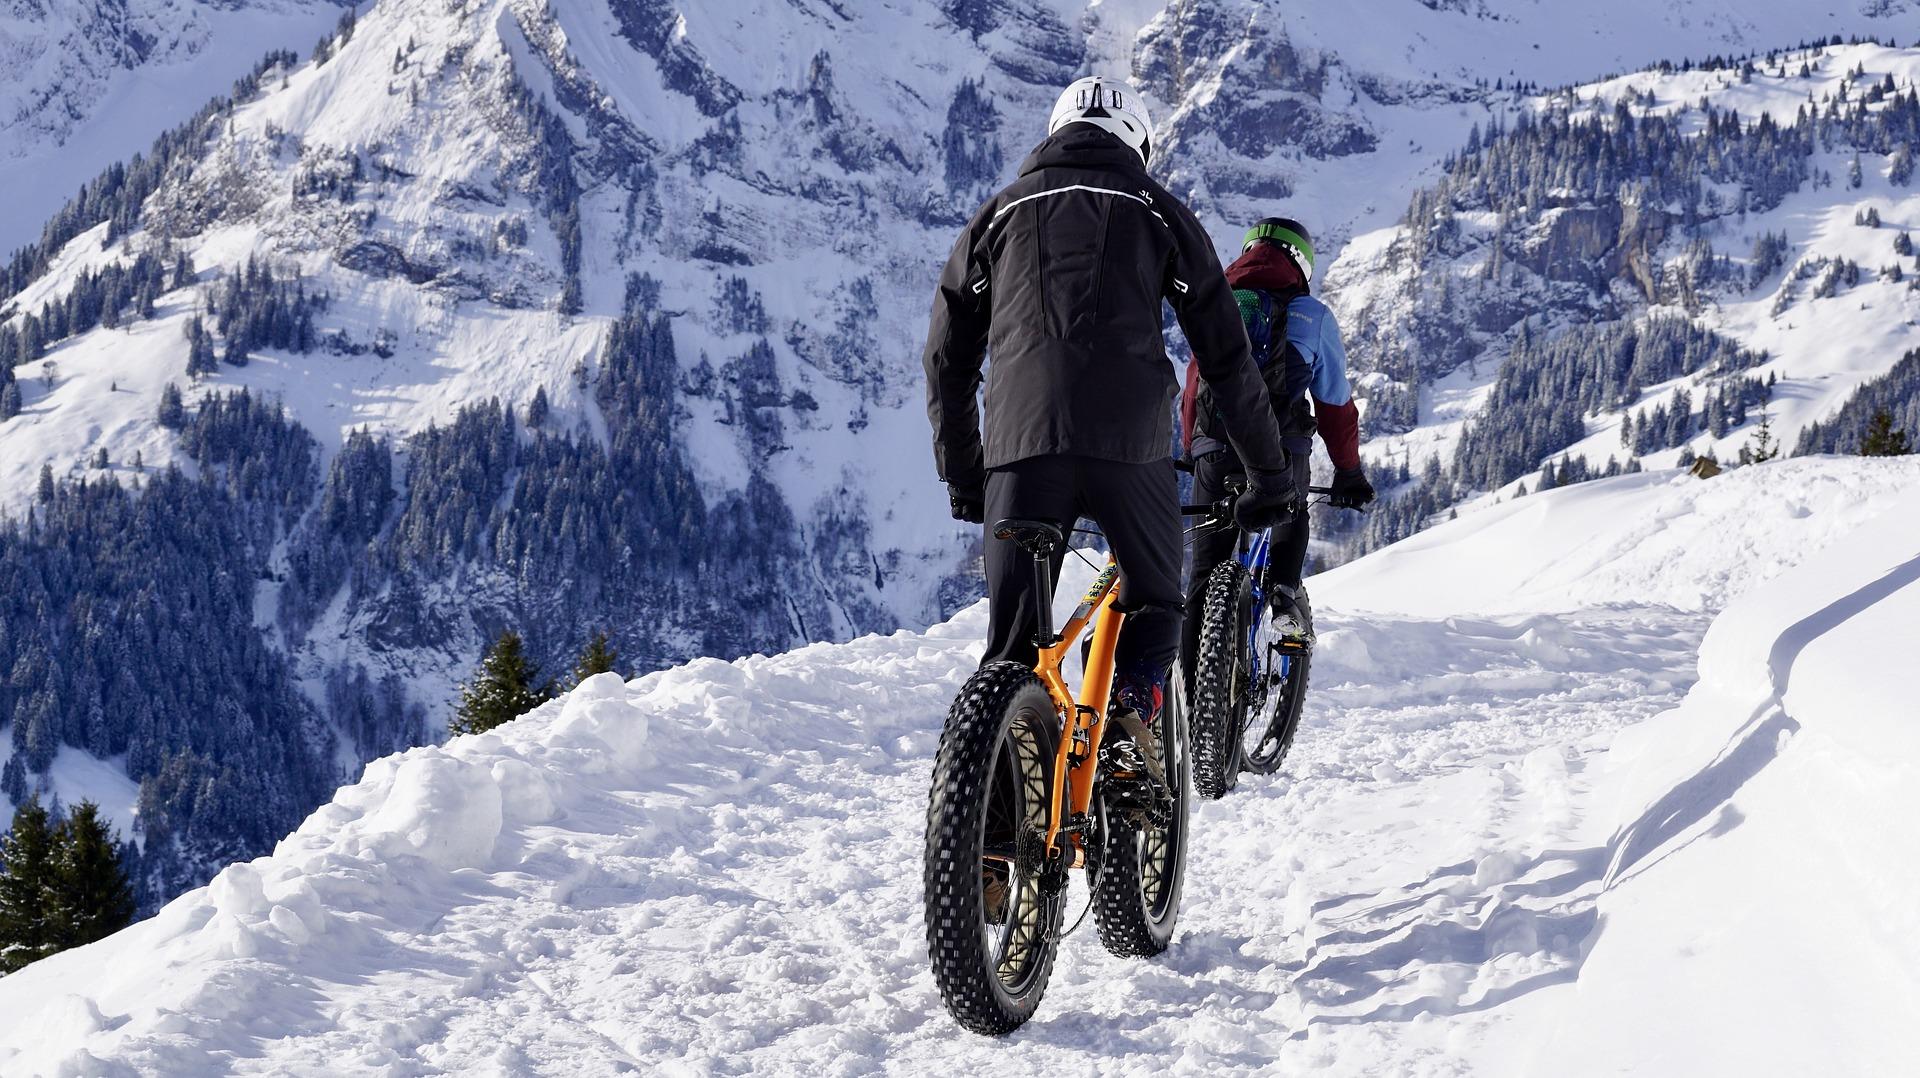 Mountain Biking in the Snow